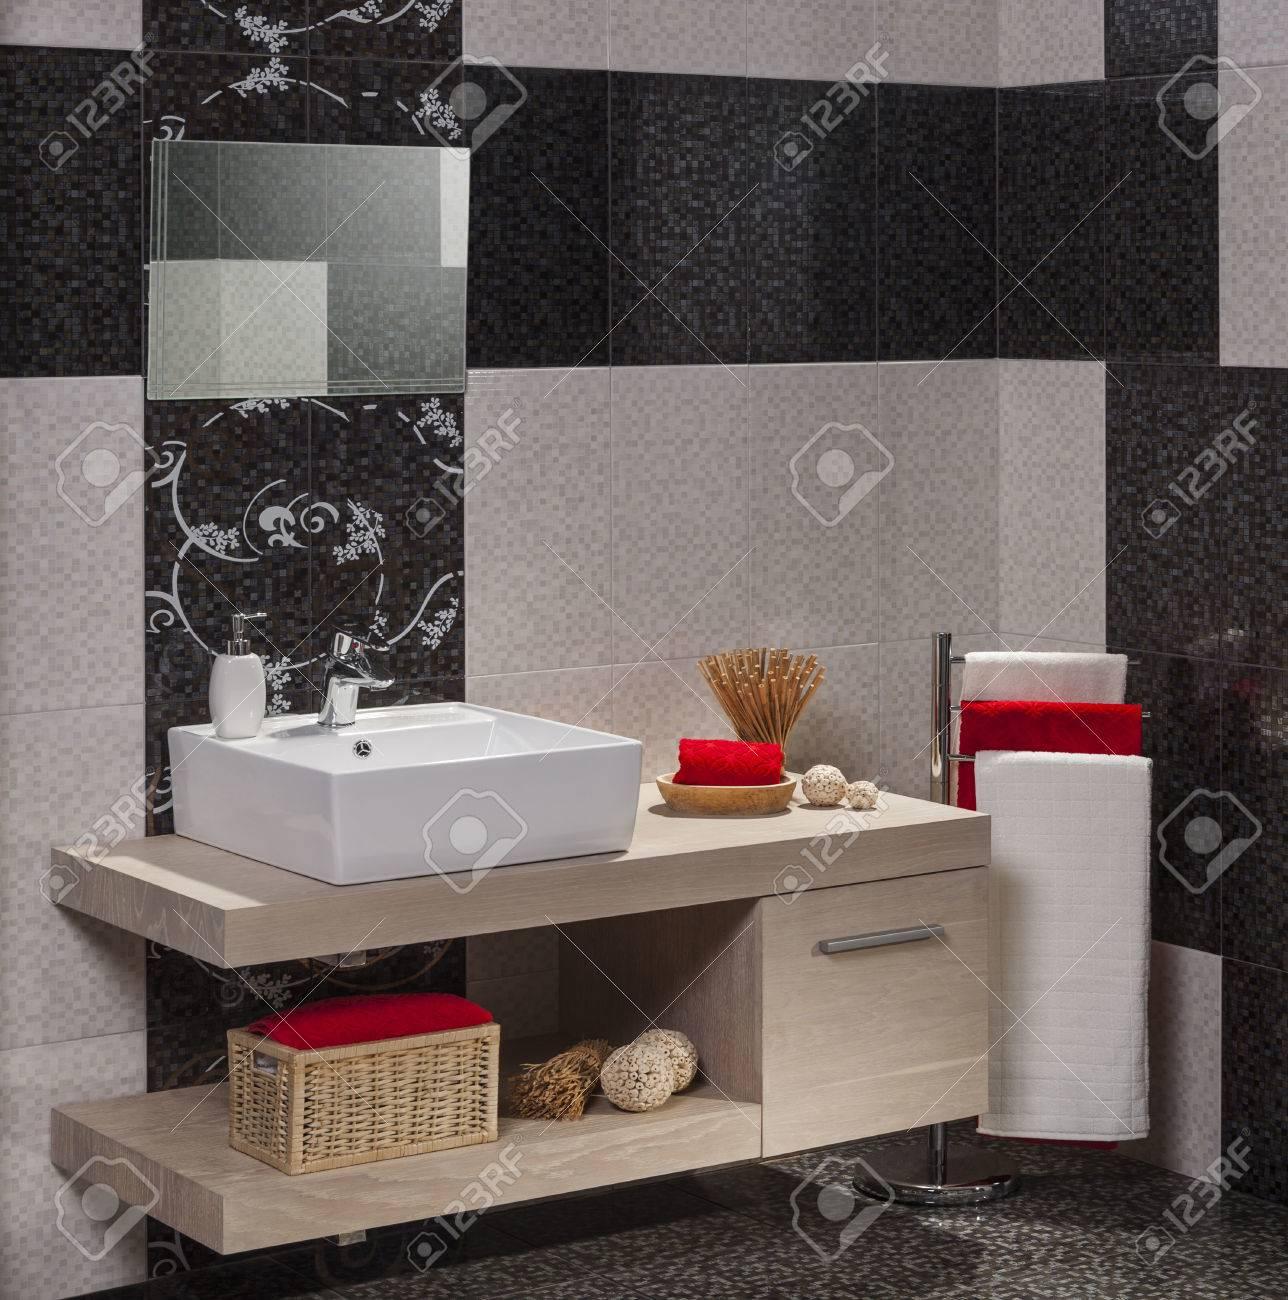 bathroom. - 41246359